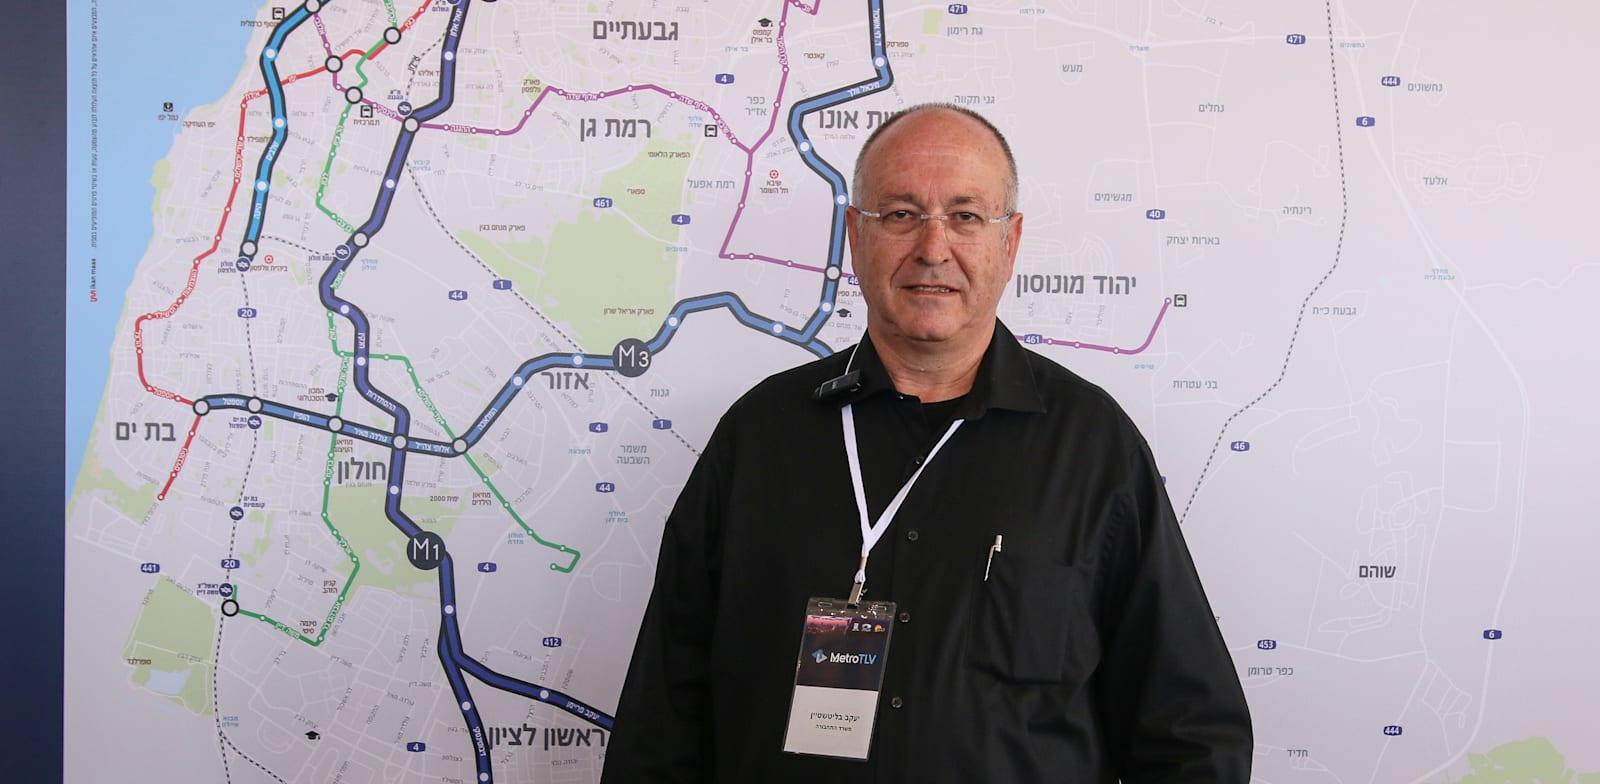 קובי בליטשטיין / צילום: כדיה לוי